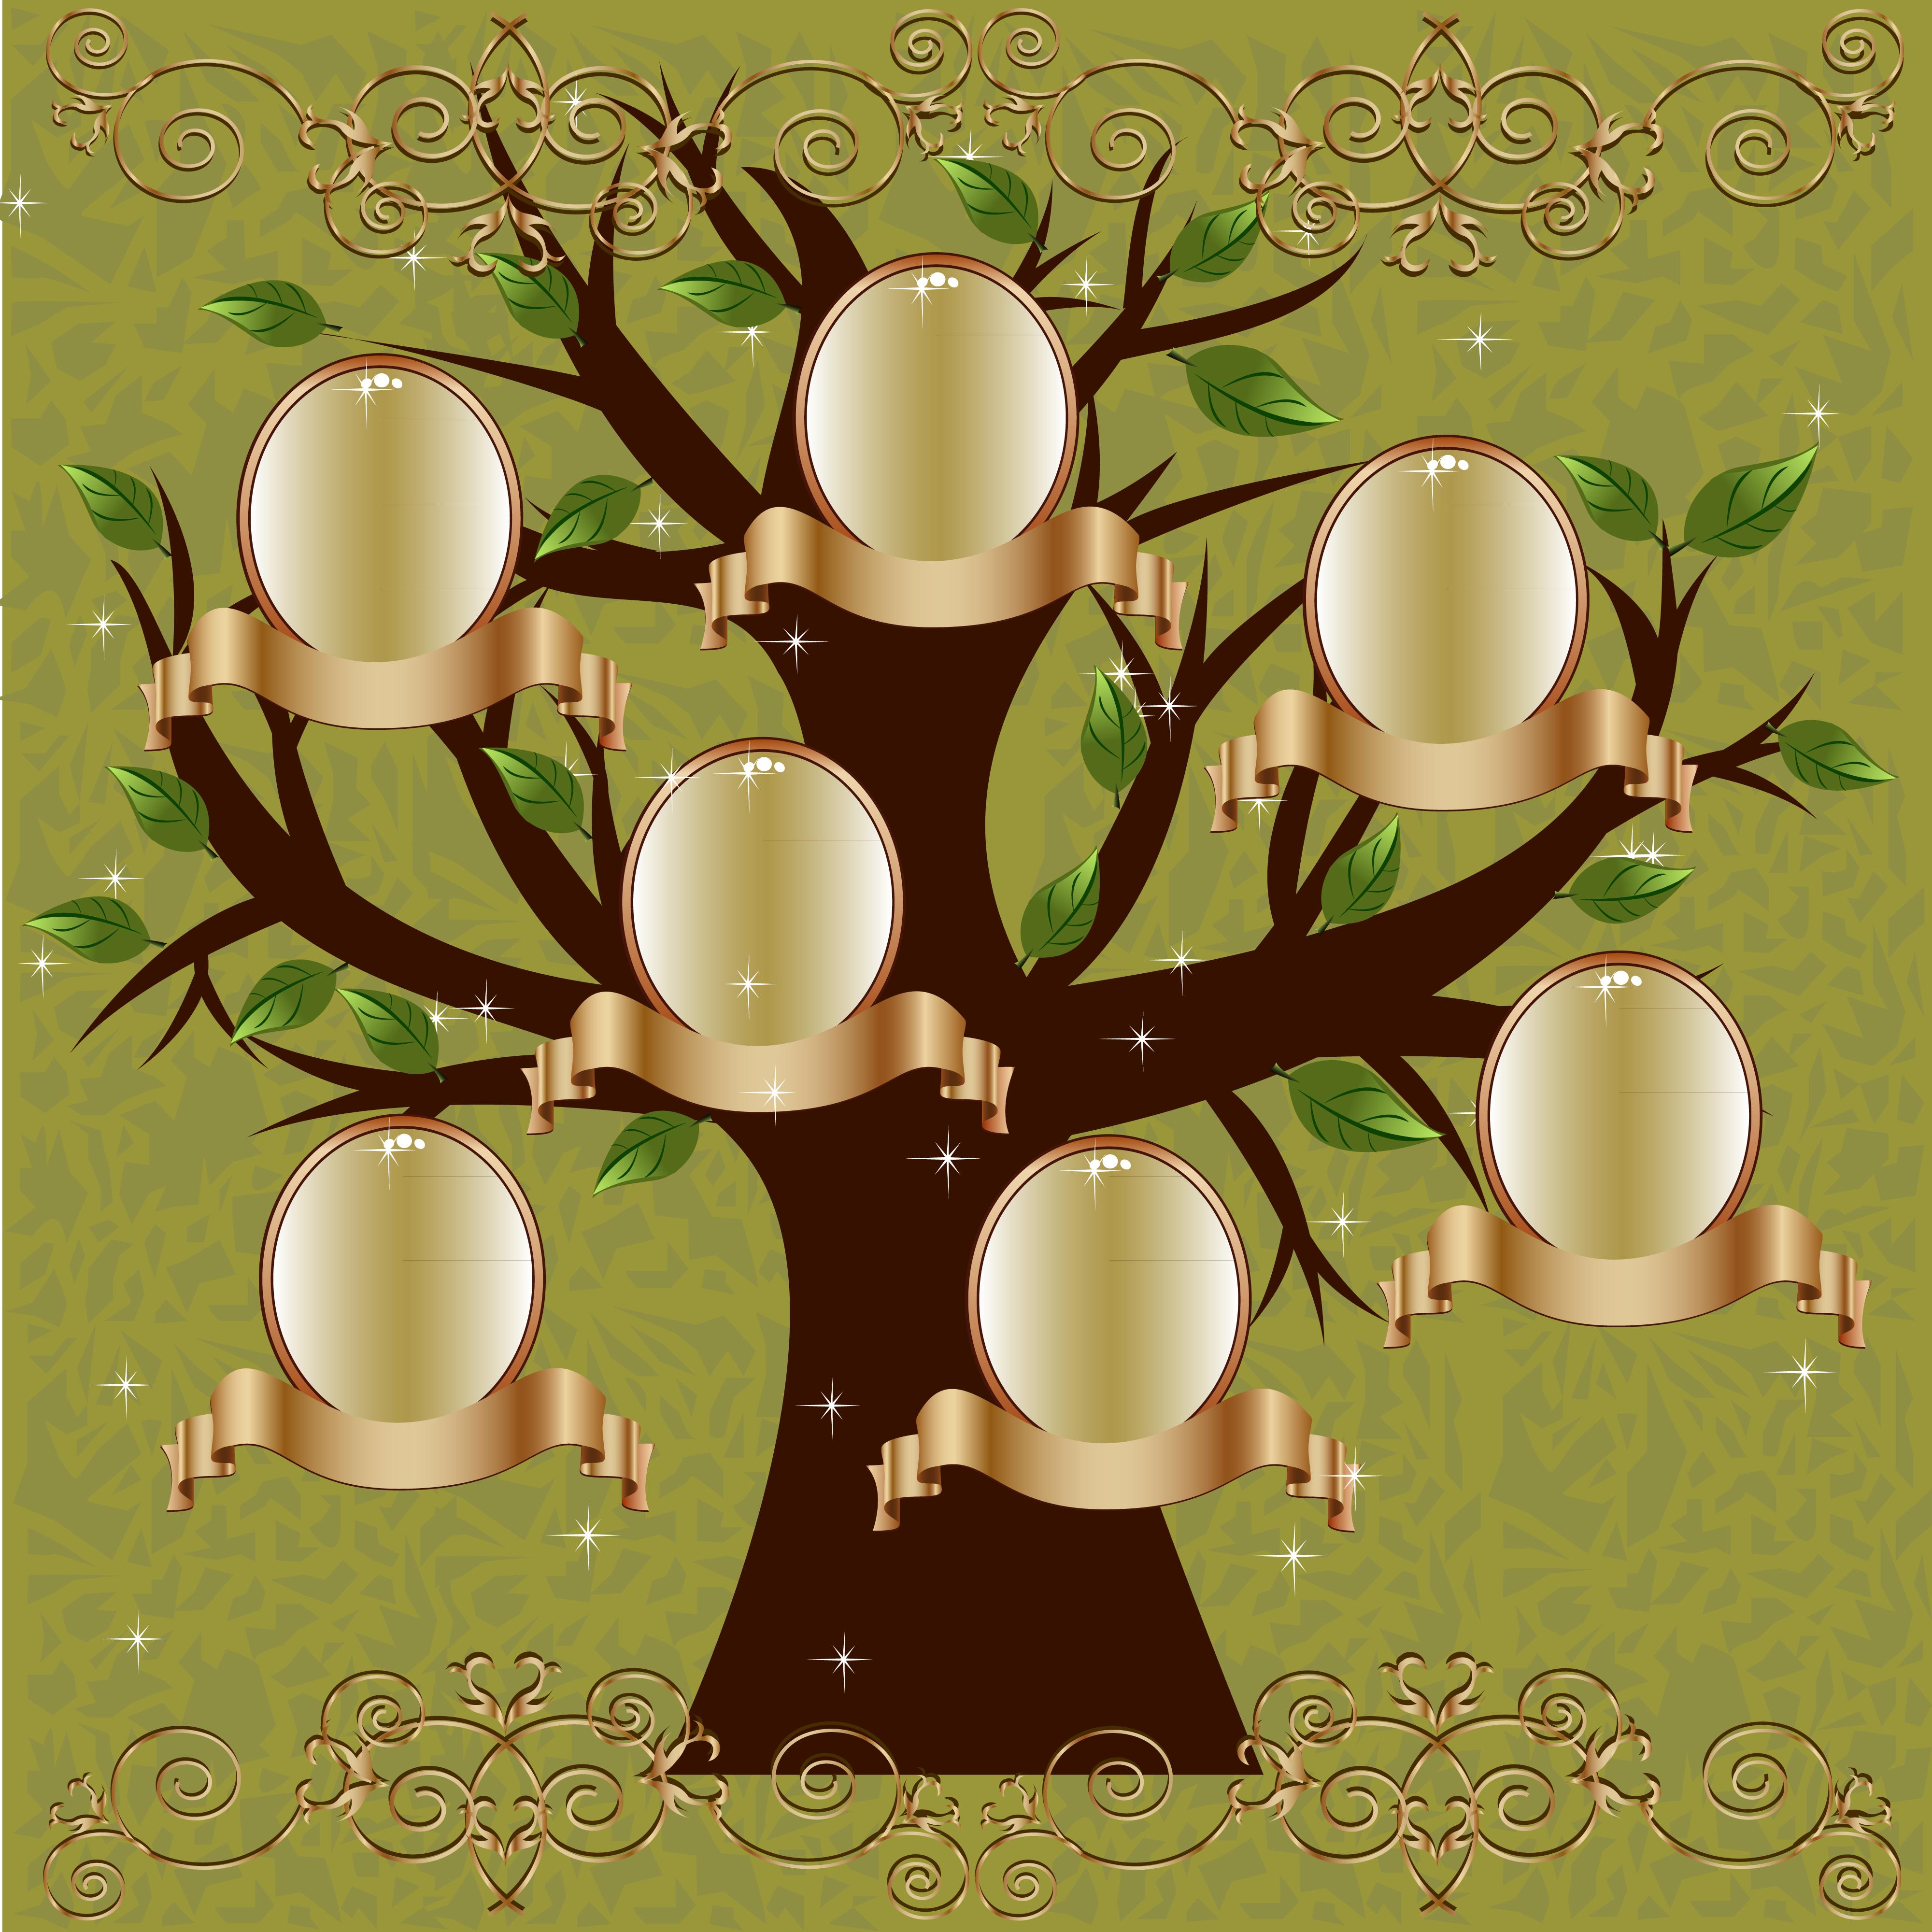 ником поздравление семейное дерево увидите самом низу